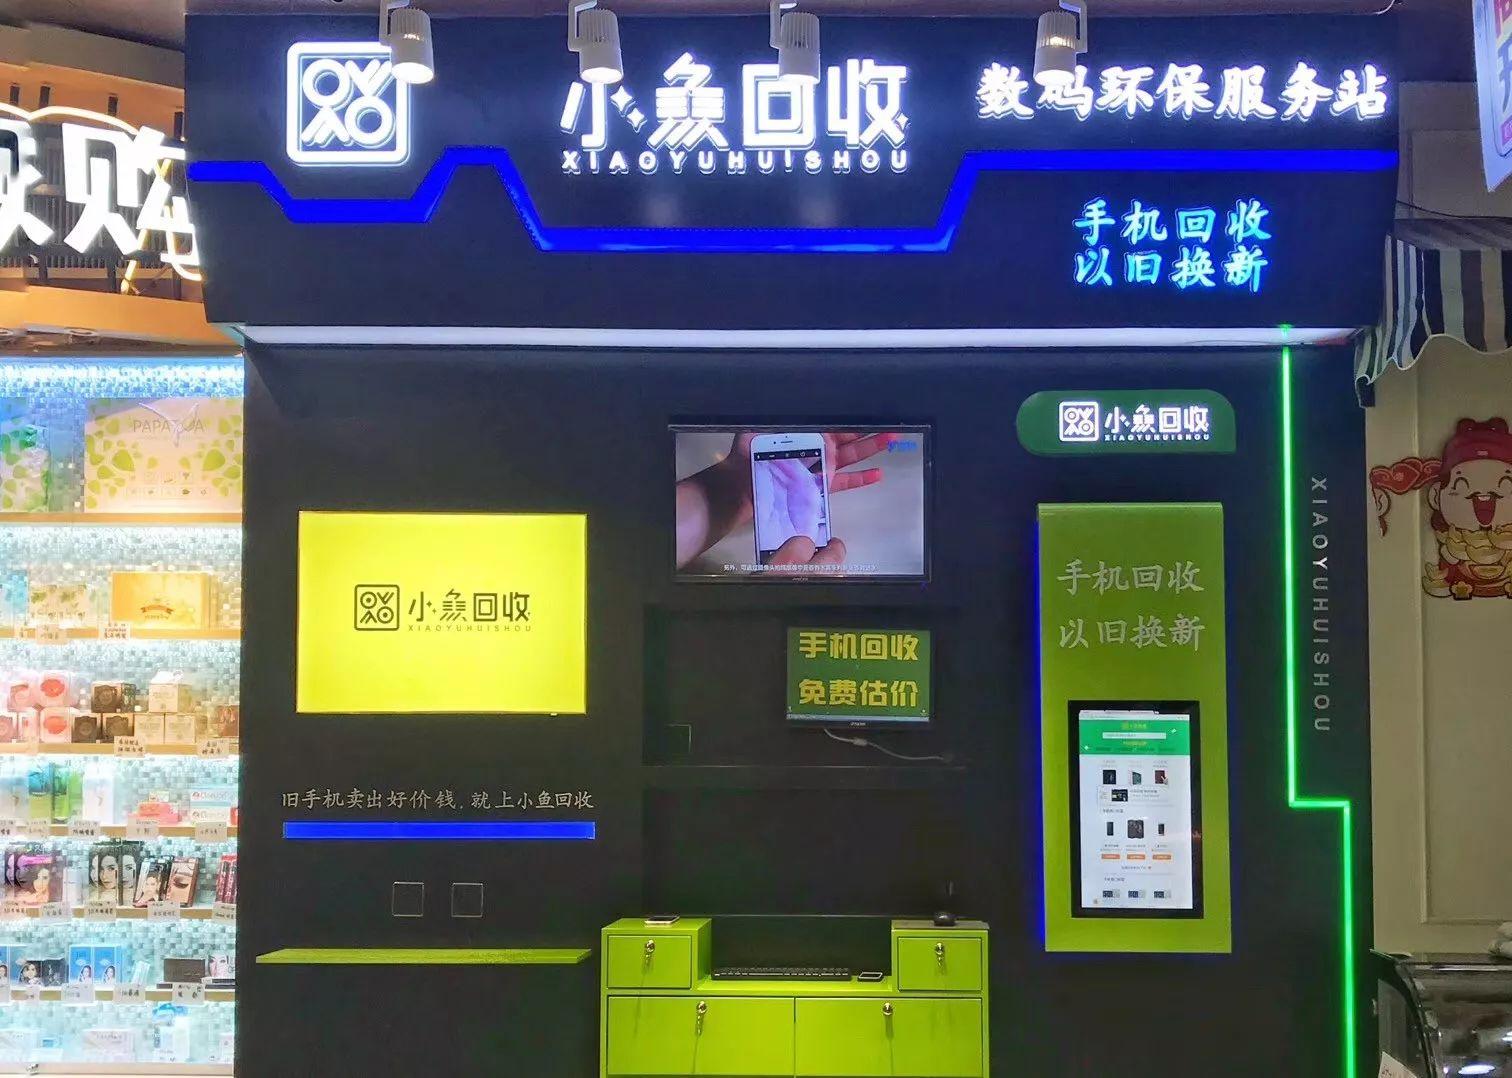 常州高价回收手机 电脑 平板 数码相机等电子产品